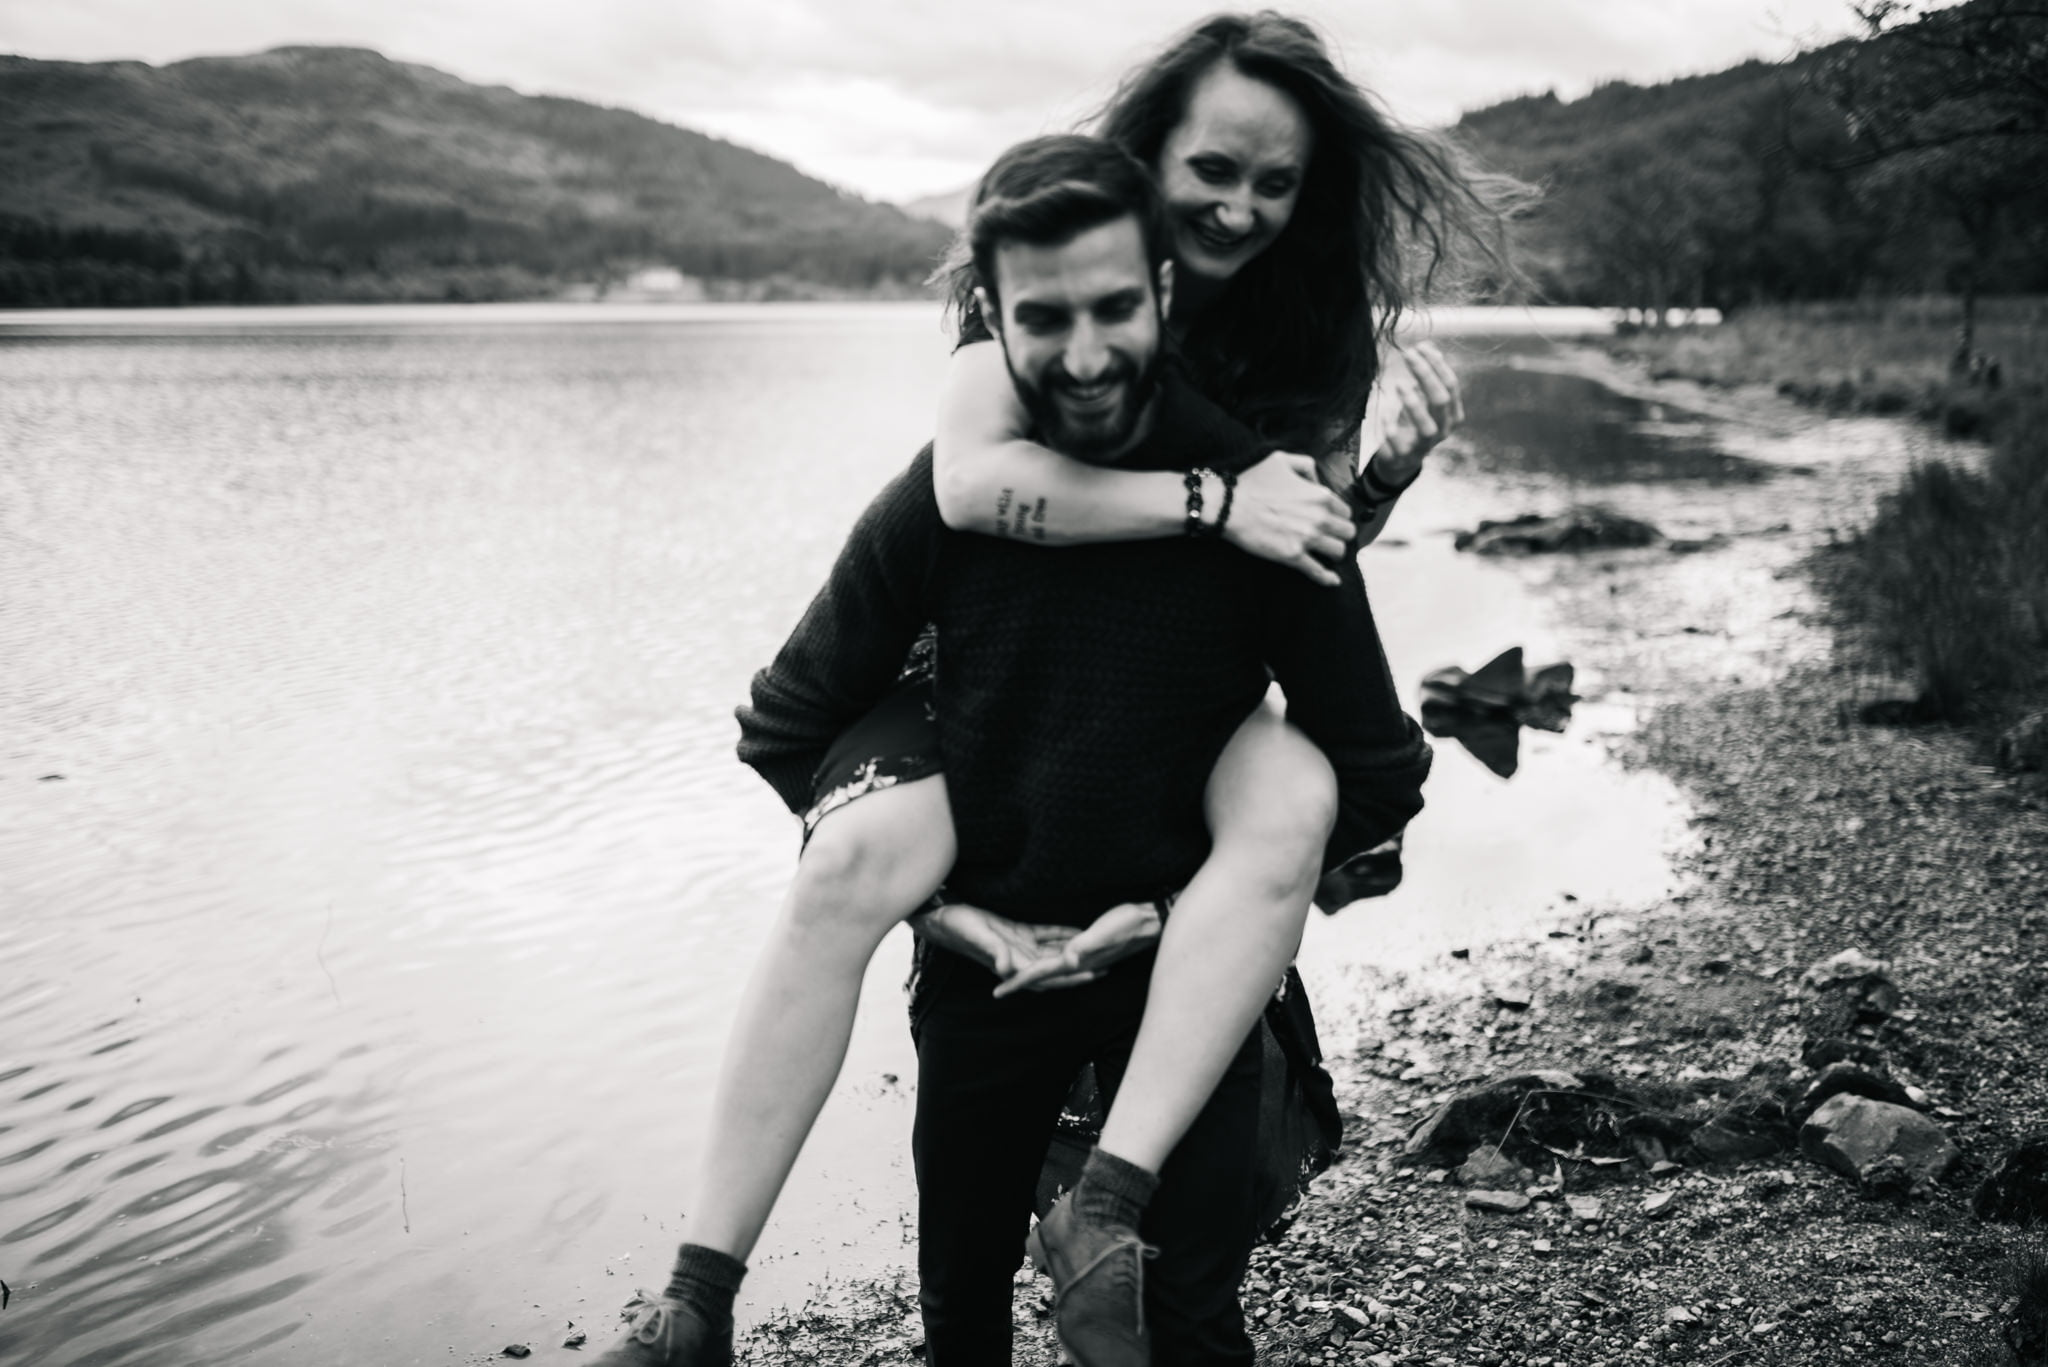 couple picggyback